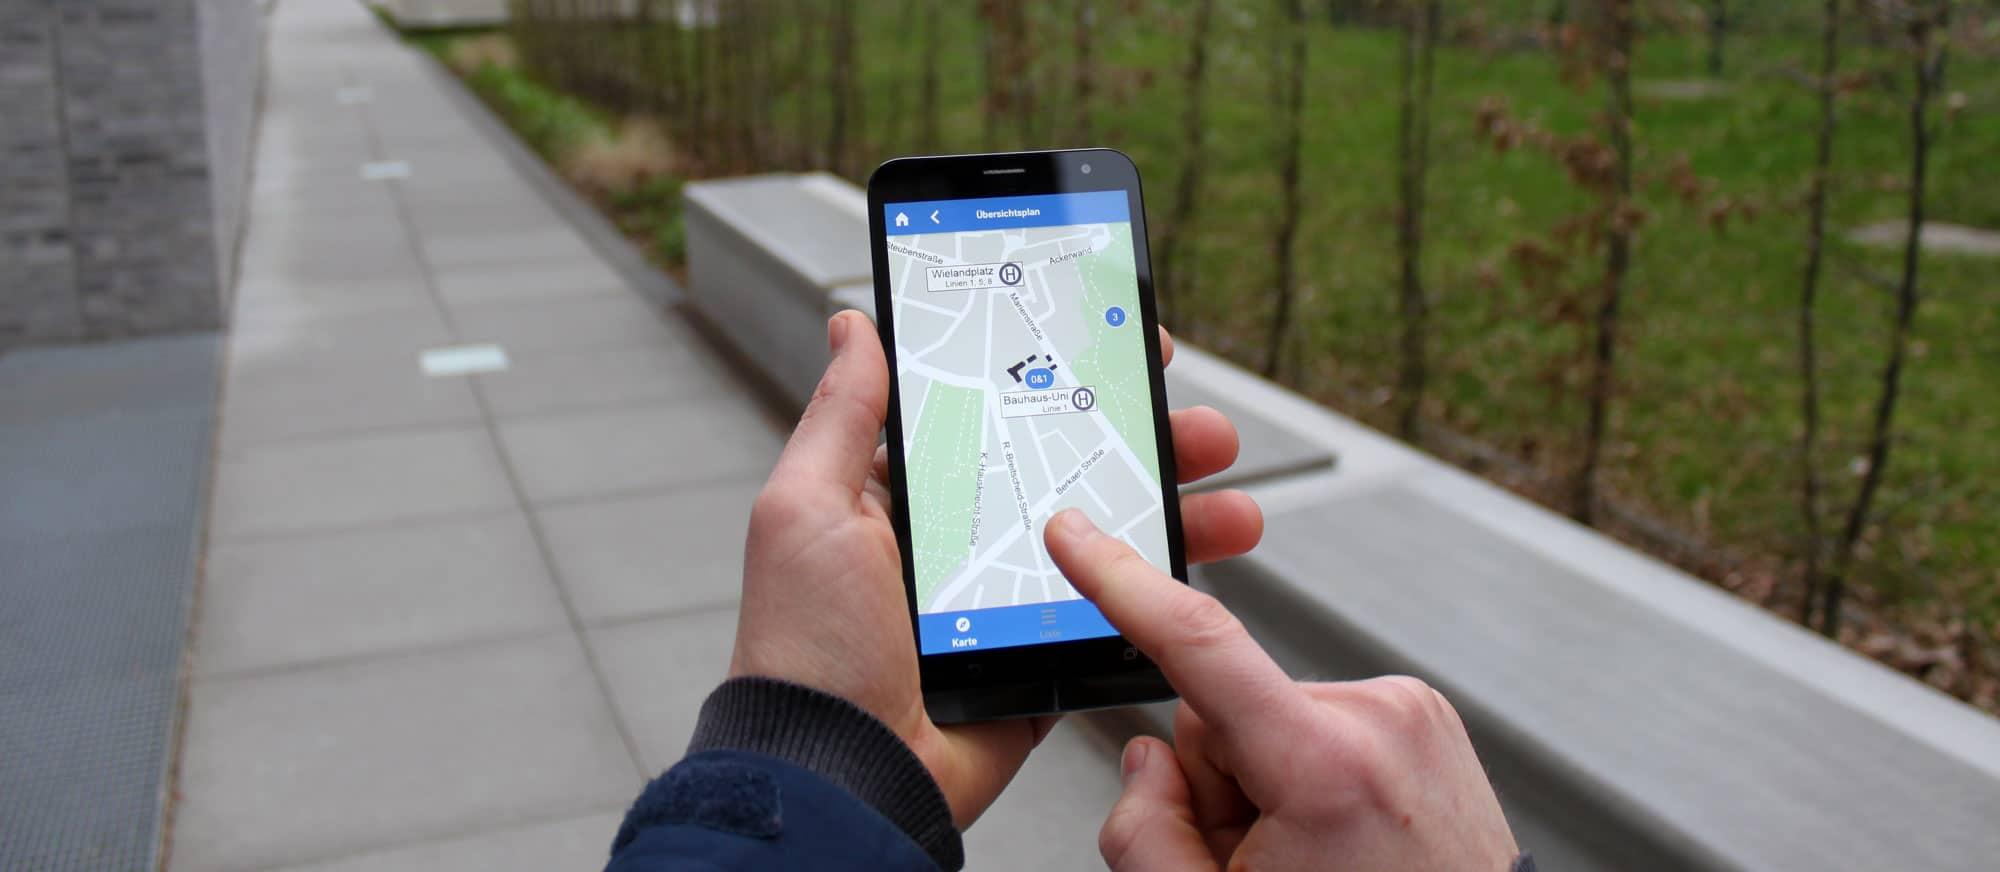 Smartphone mit Audioguide-App Bauhaus Jubiläum Weimar